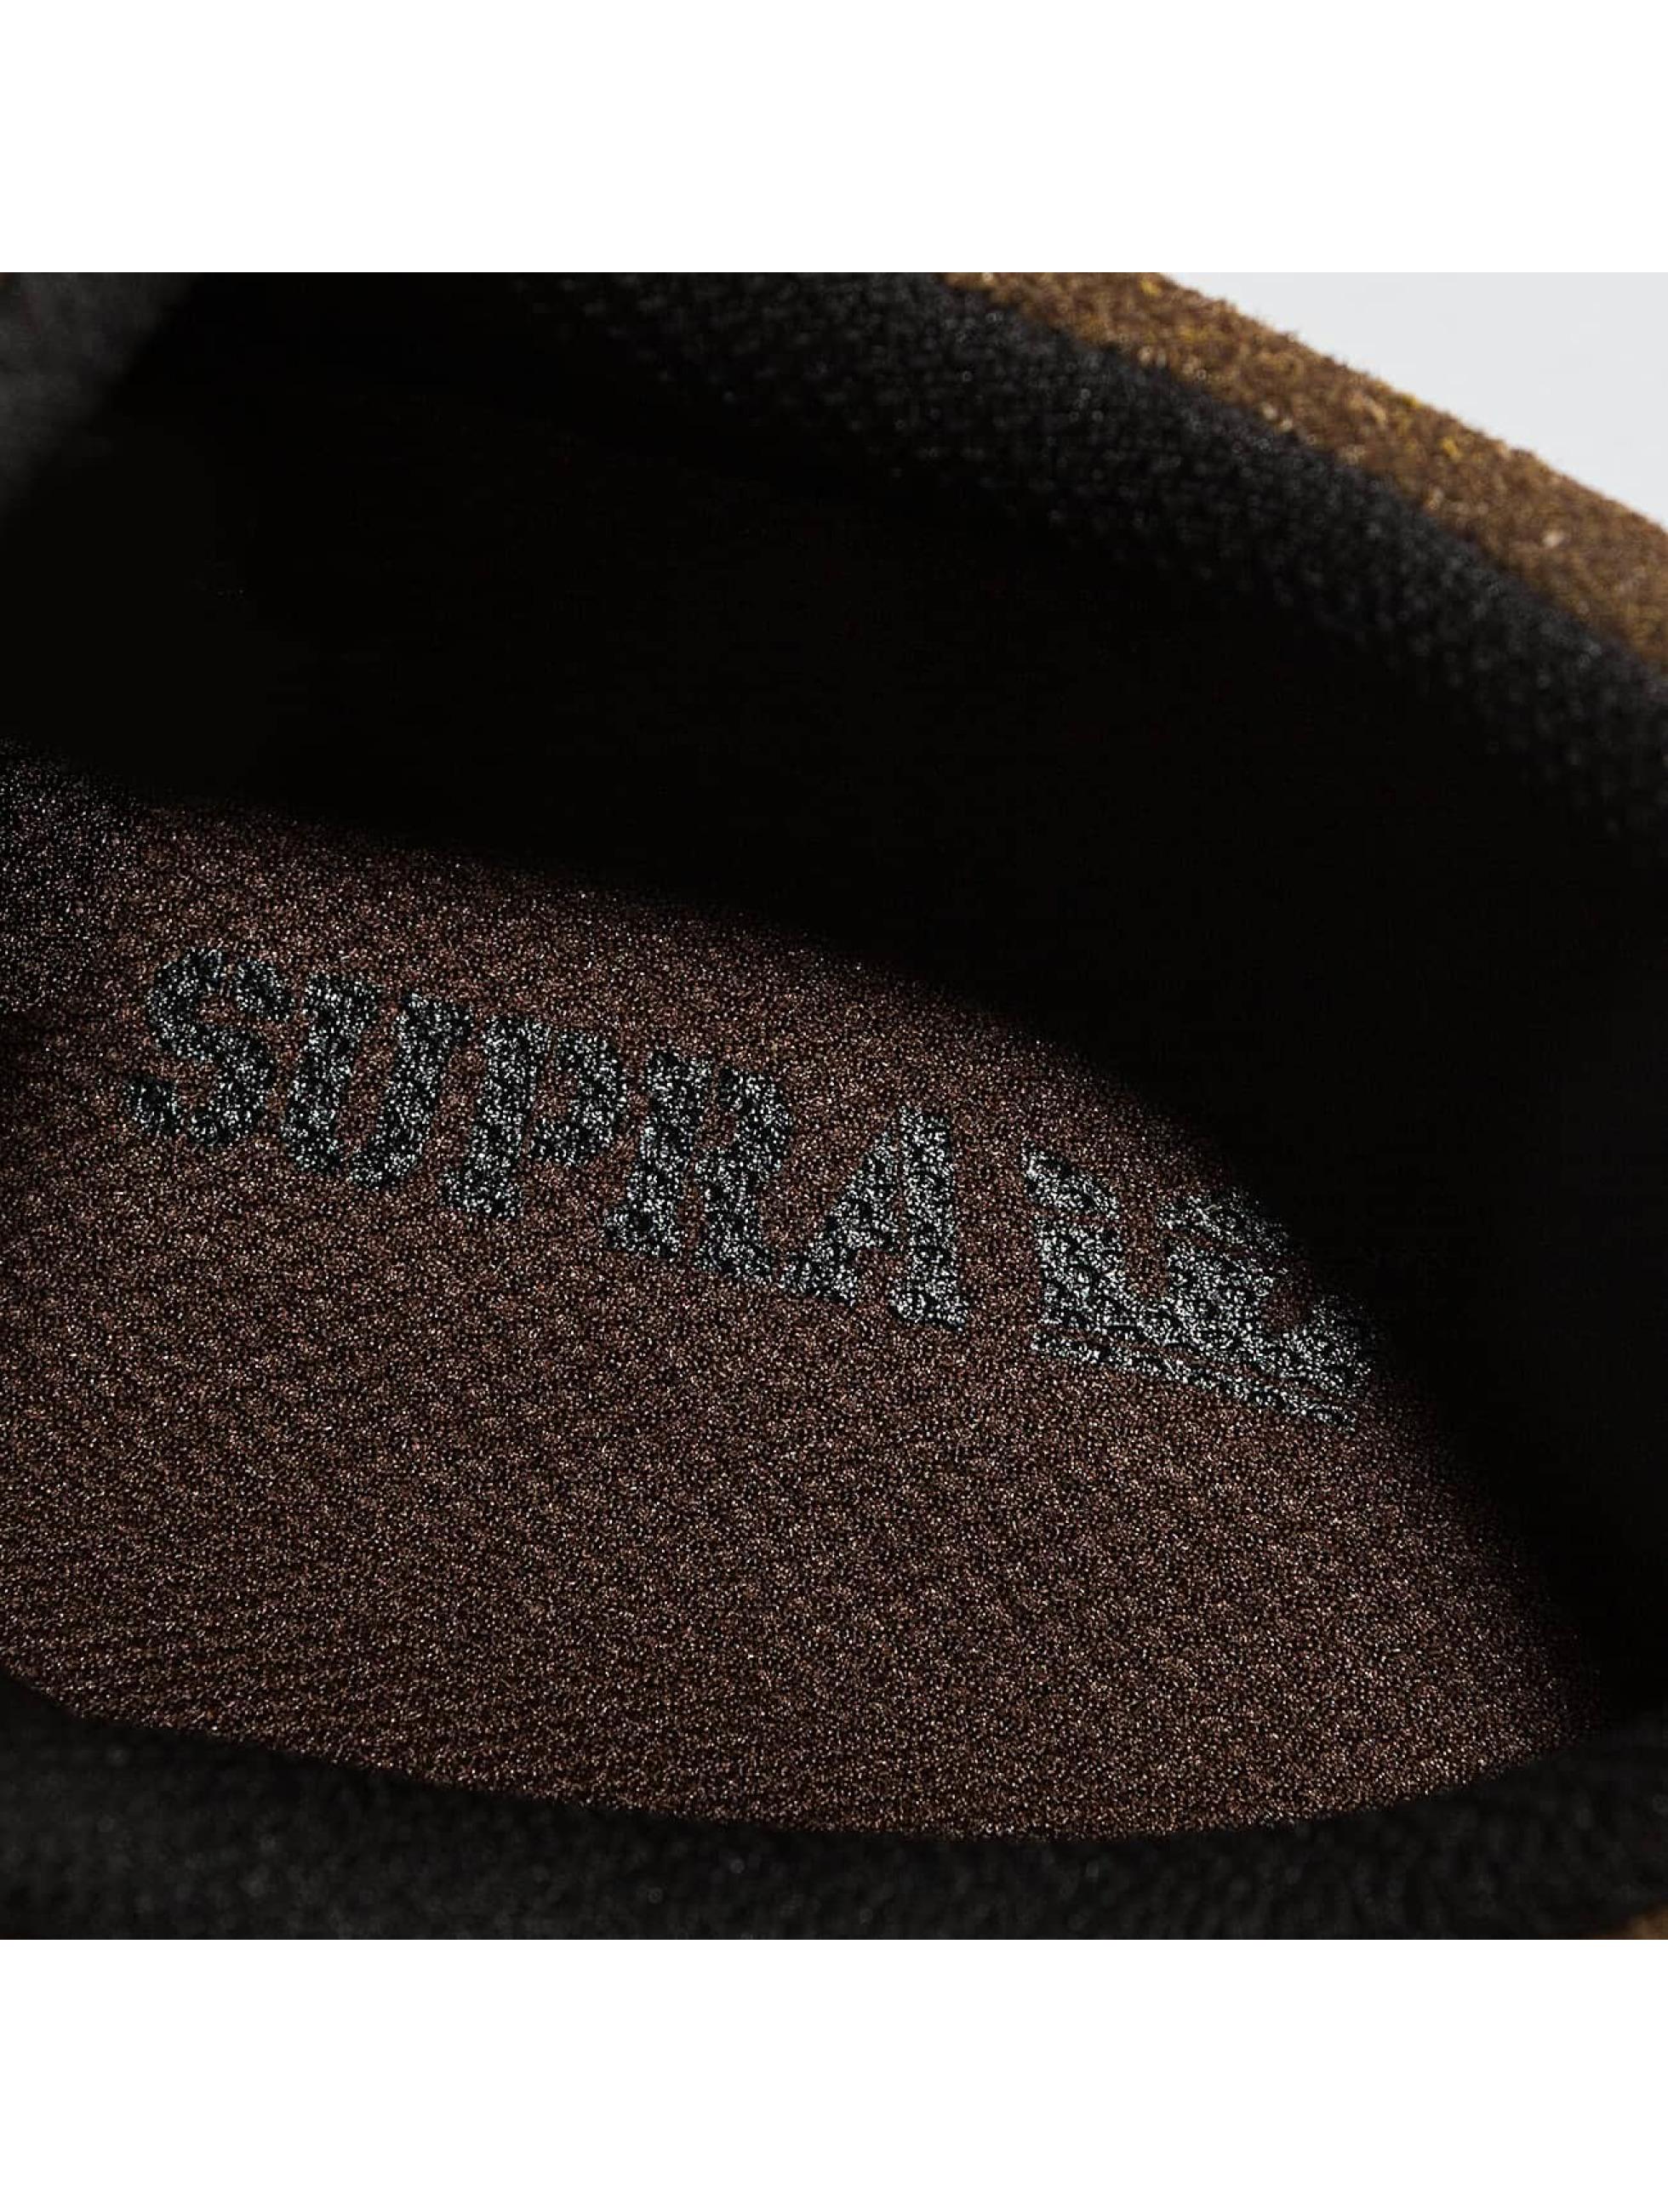 Supra Zapatillas de deporte Stacks Vulc II marrón